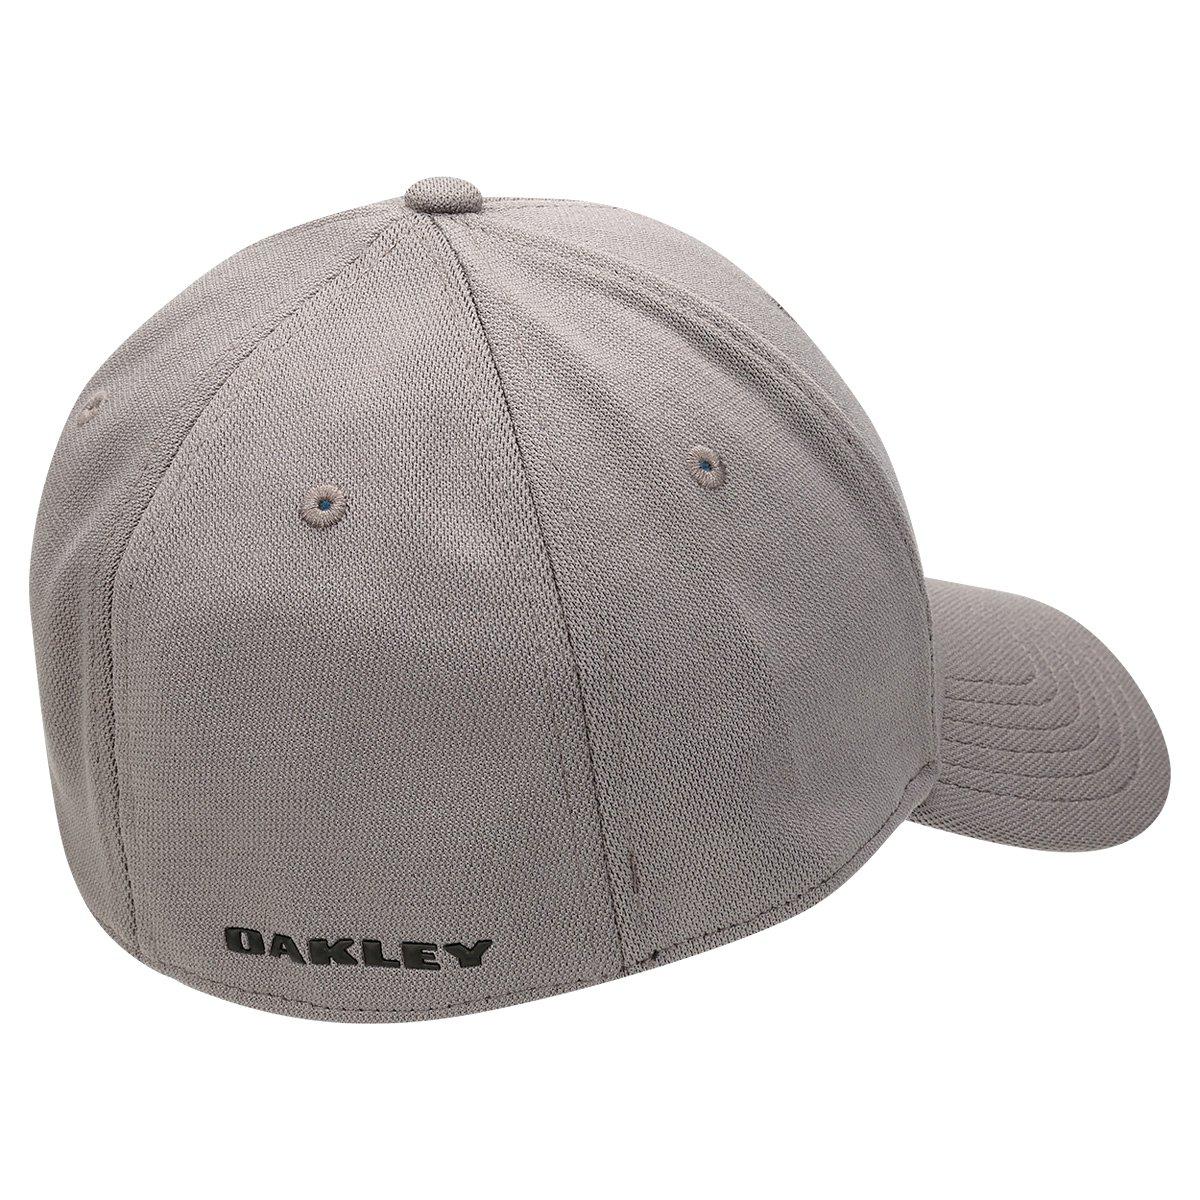 Boné Oakley Aba Curva Mod Silicon Ellipse Masculino - Grafite ... 1a897e5b3e49a